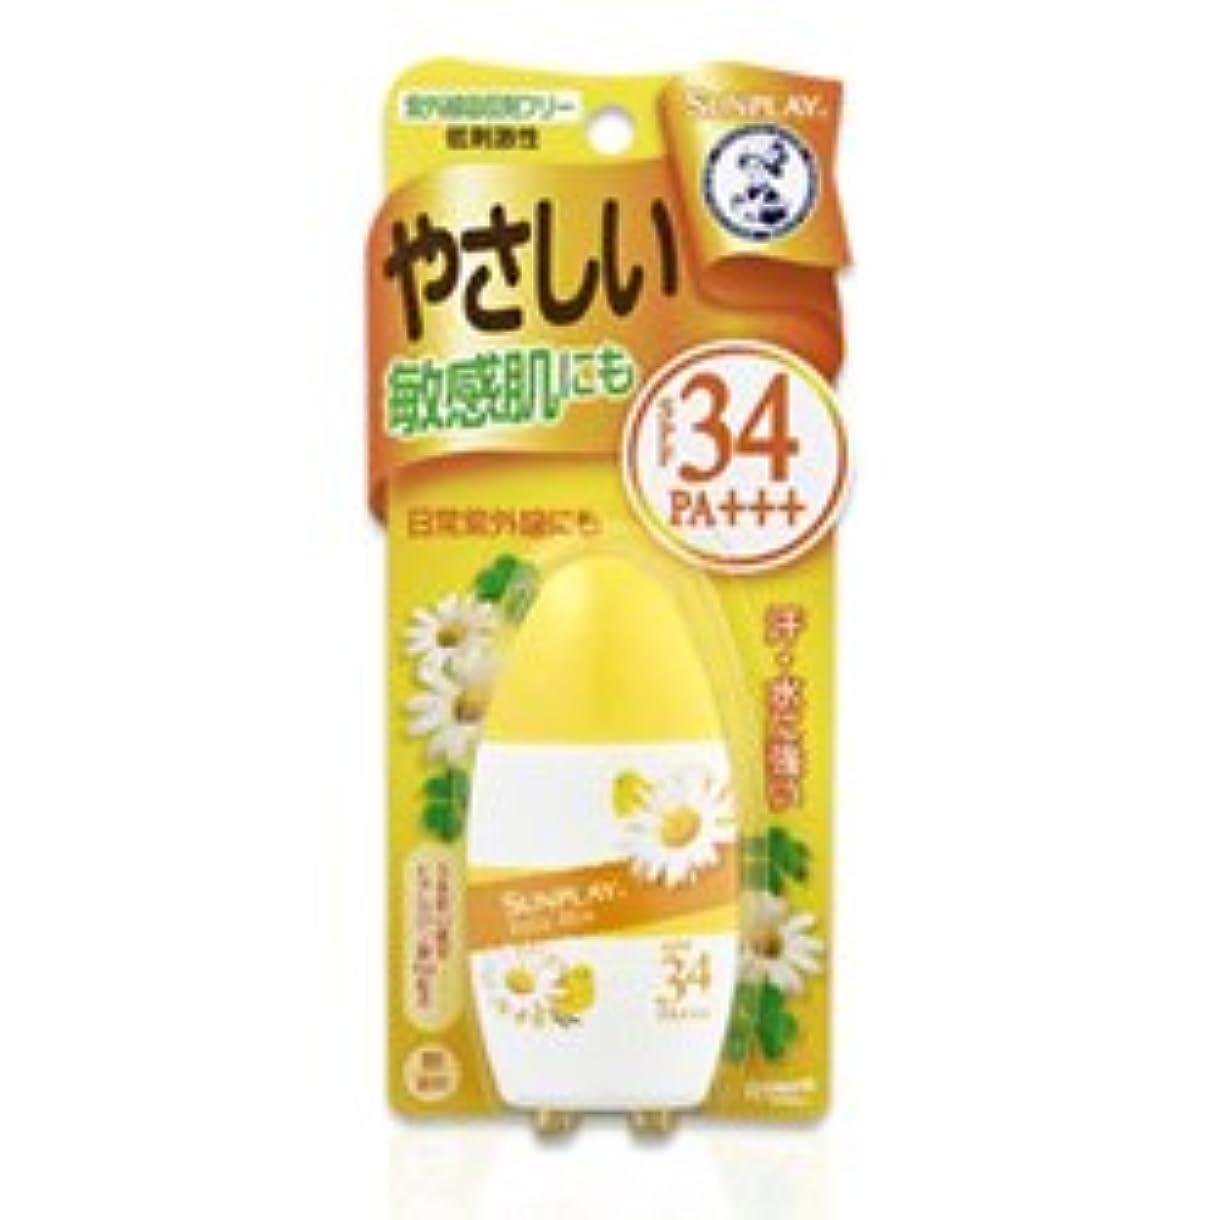 バウンス九ブリリアント【ロート製薬】メンソレータム サンプレイ ベビーミルク 30g ×5個セット